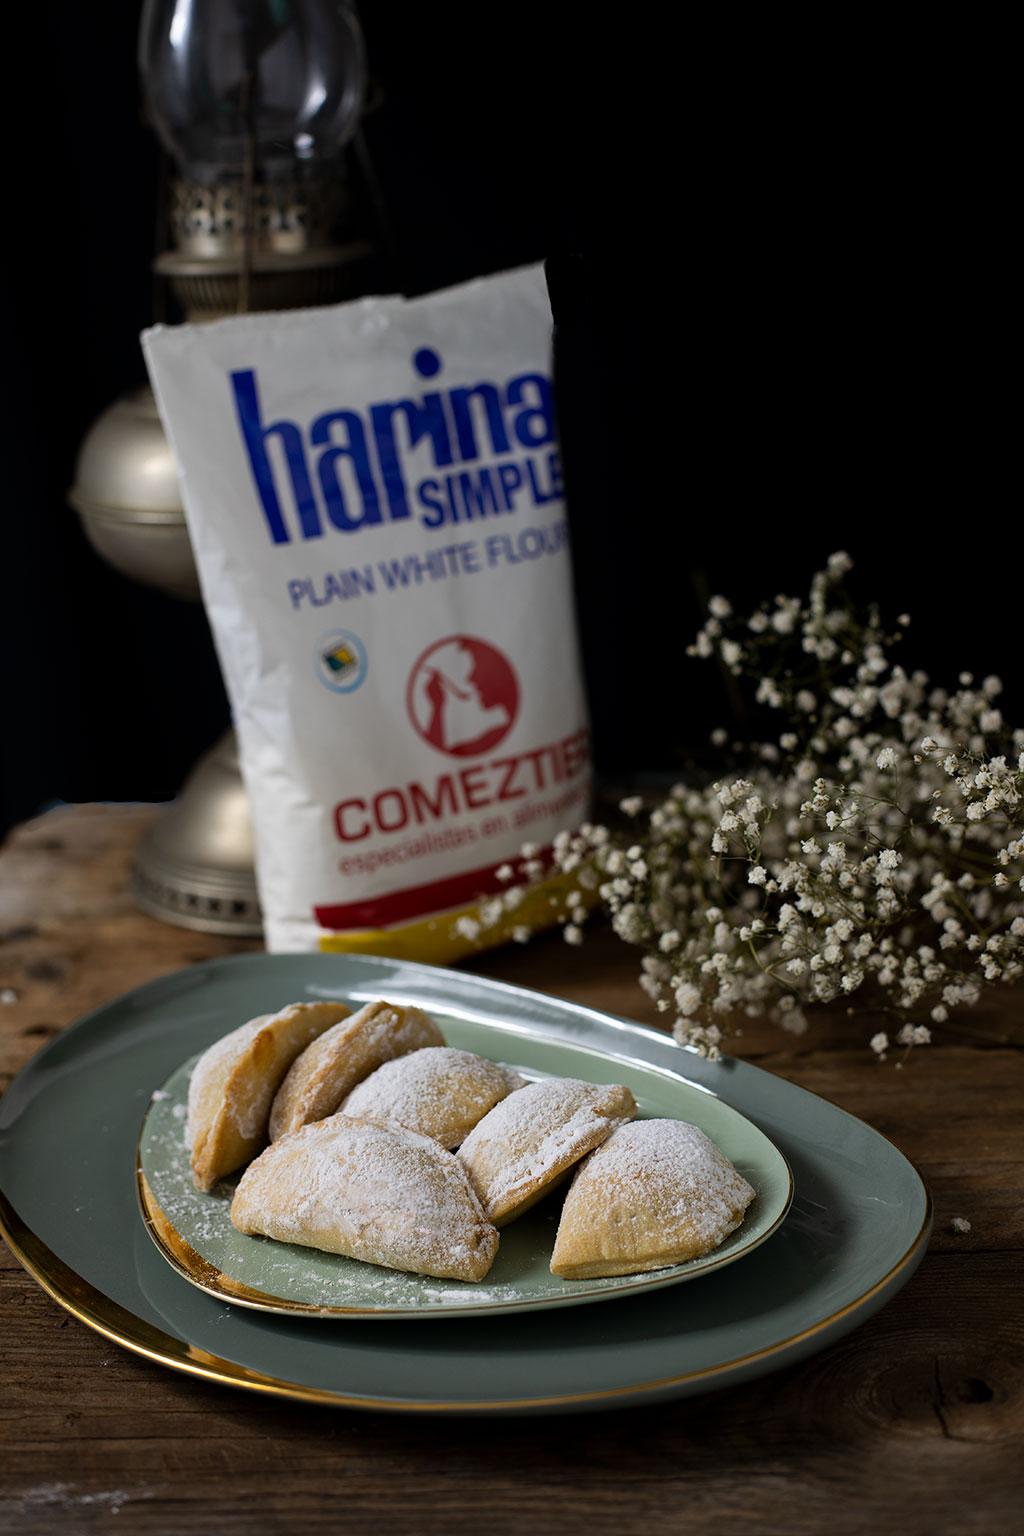 truchas con harina de trigo comeztier